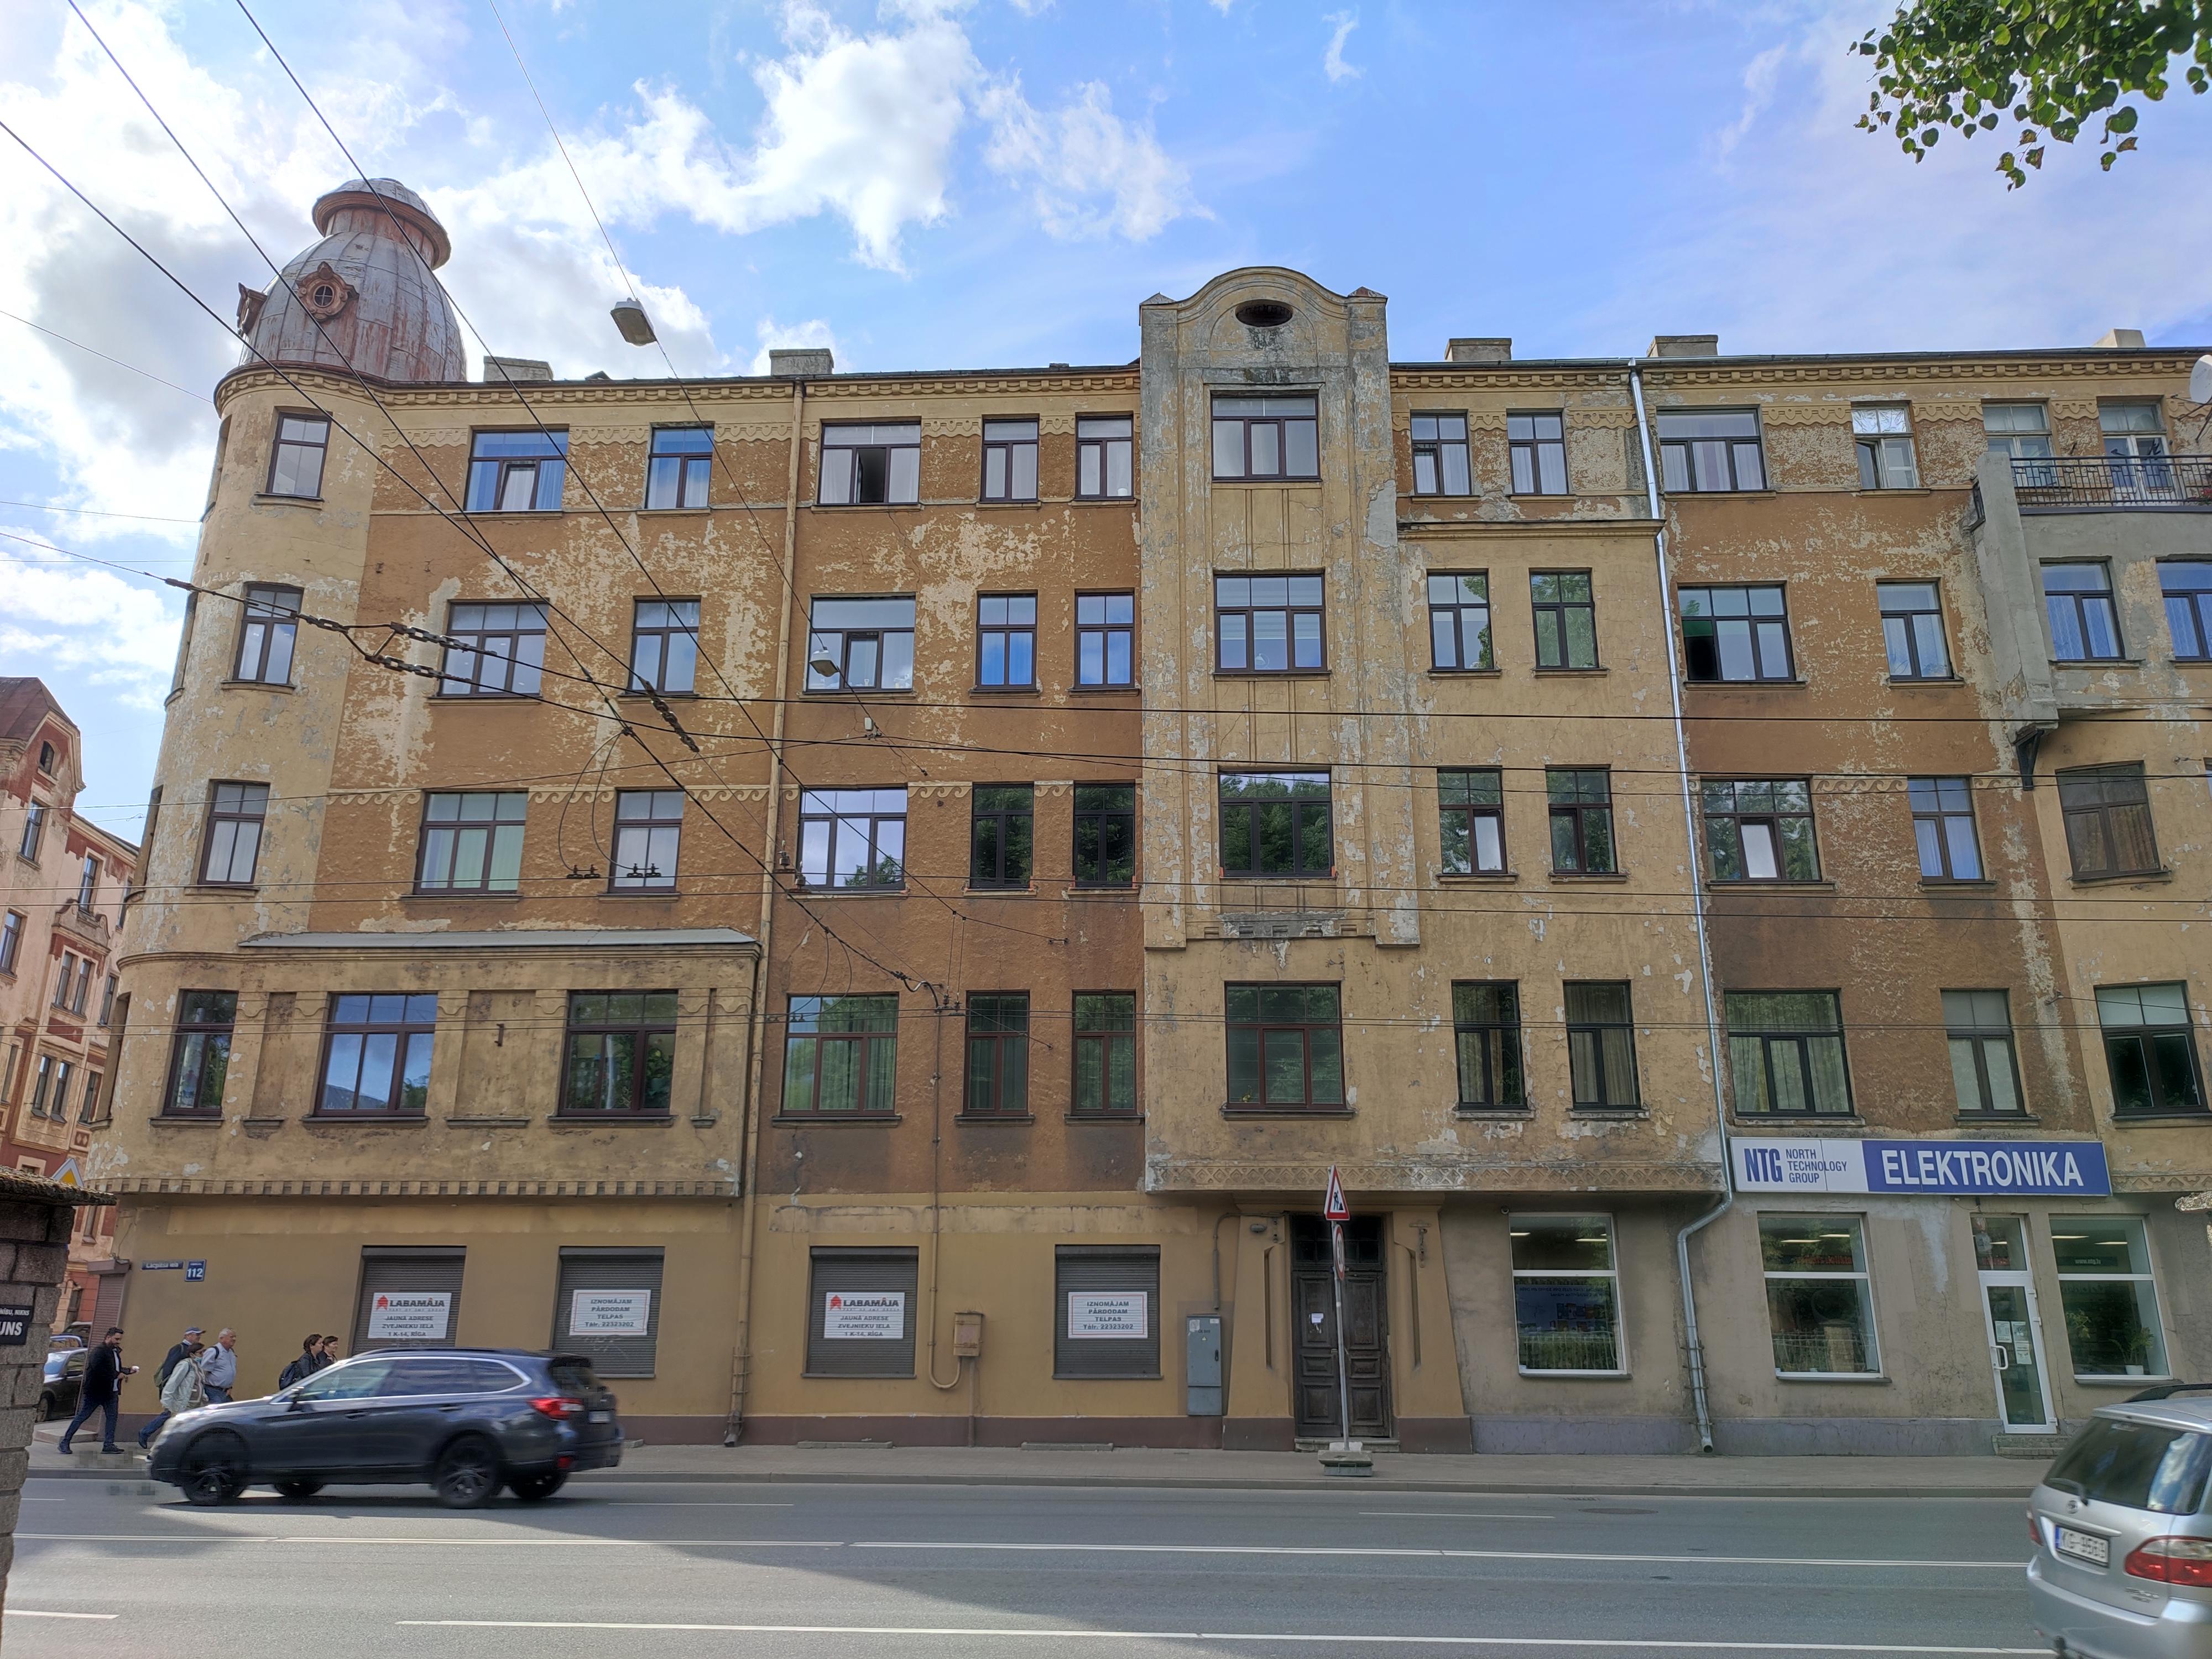 Pārdod dzīvokli, Lāčplēša iela iela 112 - Attēls 1